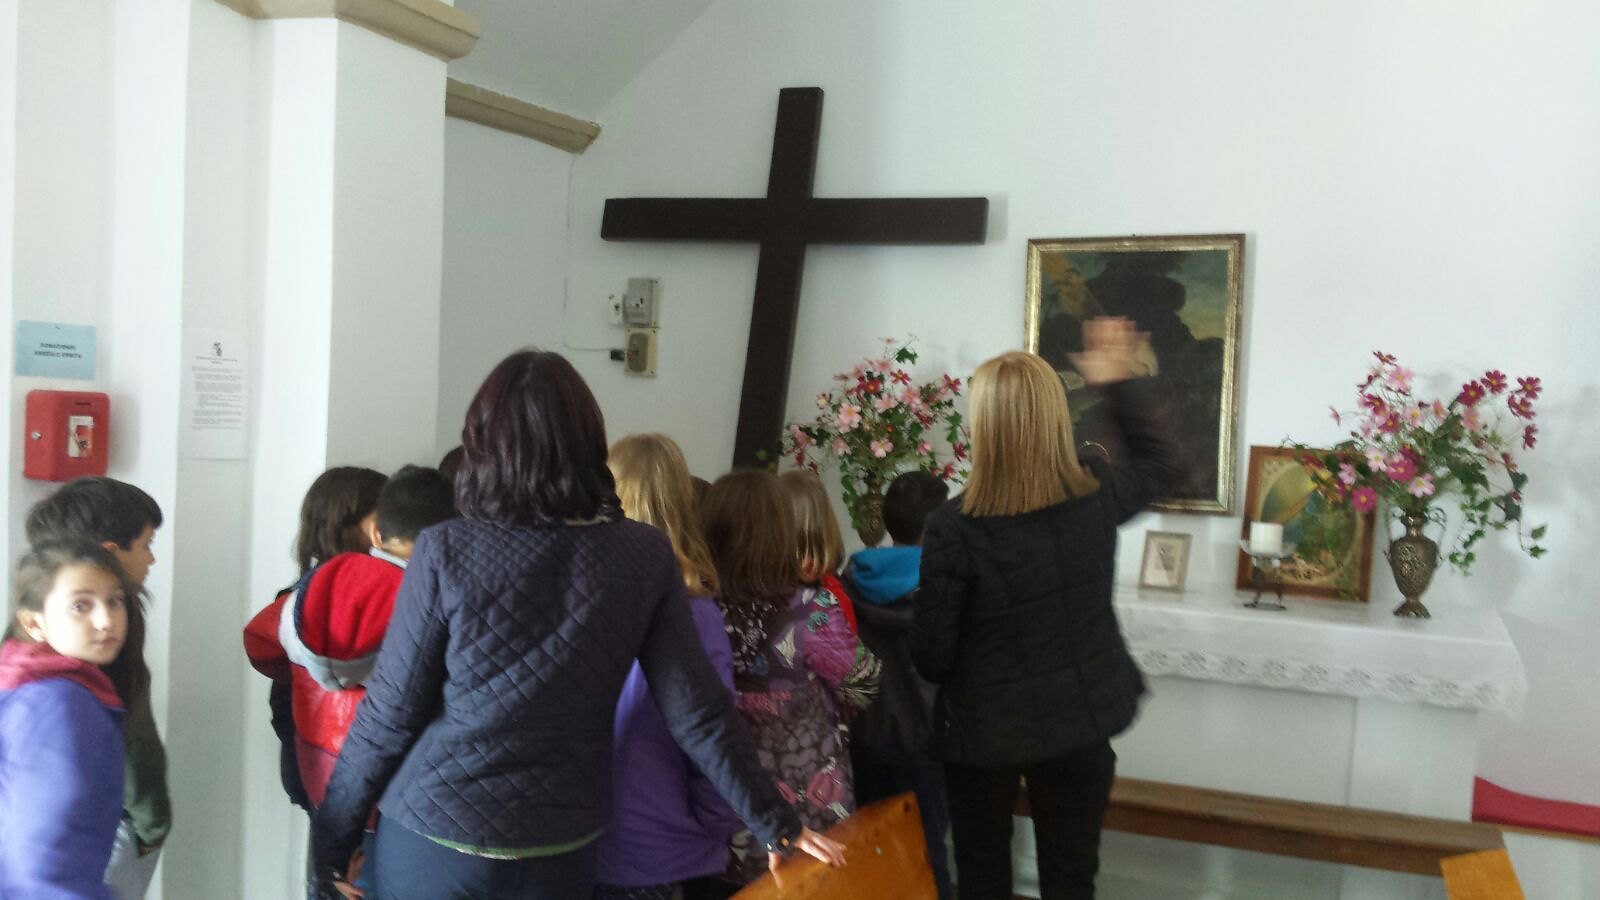 (2018-03-16) - Visita ermita alumnos Laura,3ºB, profesora religión Reina Sofia - Marzo -  María Isabel Berenguer Brotons (07)